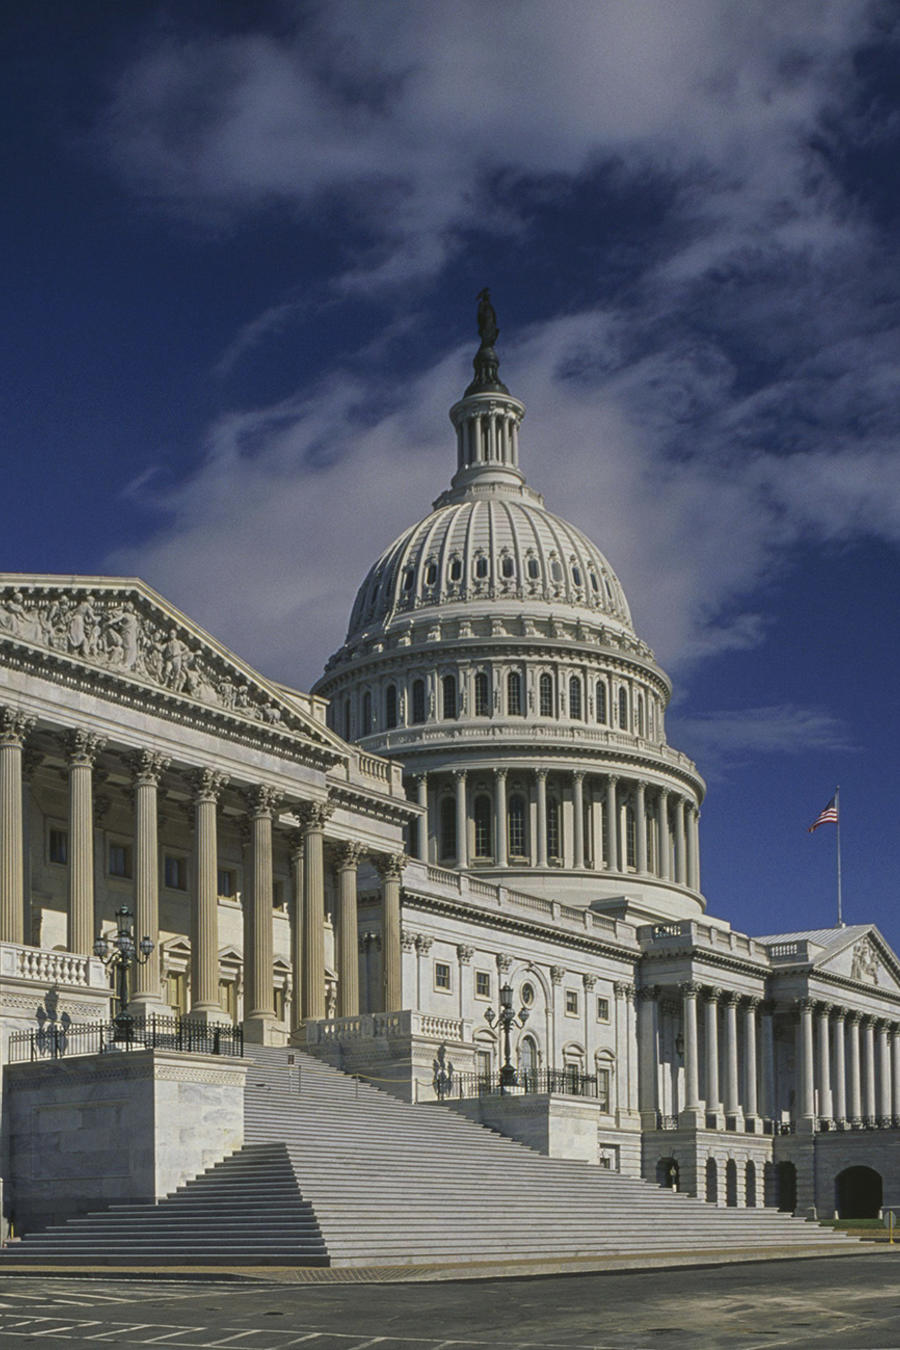 El edificio del Capitolio, sede del Congreso de Estados Unidos en Washington D.C.